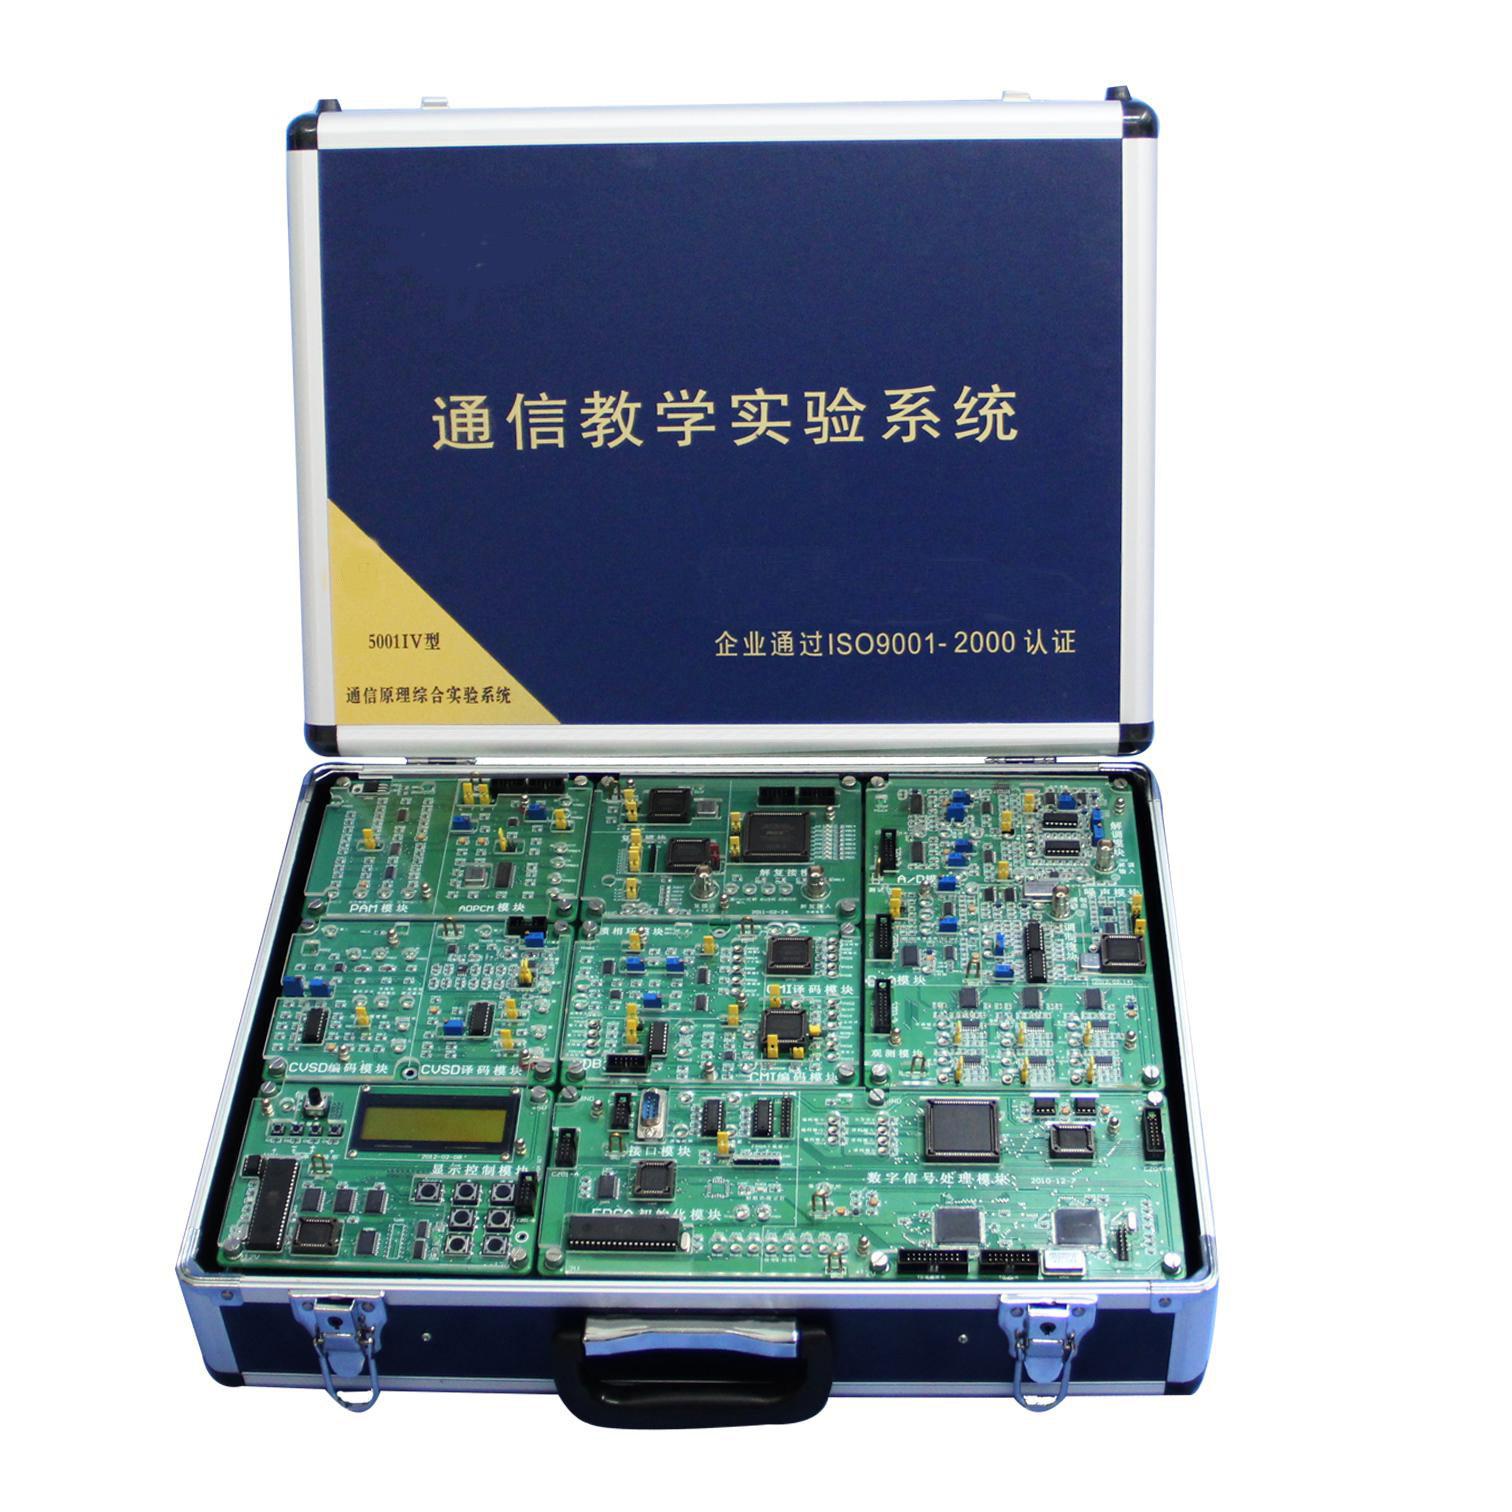 产品介绍: 经过充分的市场调研和技术分析,在保留公司原有产品JH5001-3通信原理实验系统特点的基础上,推出了JH5001-4型通信原理实验系统,本系统根据当前各大专院校通信原理课程的教学重点,以现代数字传输技术和软件无线电技术为主要实验方向,强化了有关模拟信号的数字化、各类数字信号的复接与解复接、信源及信道编解码、信息的数字化调制与解调、模拟与数字锁相等内容。为突出重点,集中利用有限的软硬件资源,须对原JH5001-3系统的设计进行合理的取舍,具体做法是进一步强化了软件无线电技术,通过FPGA与DSP